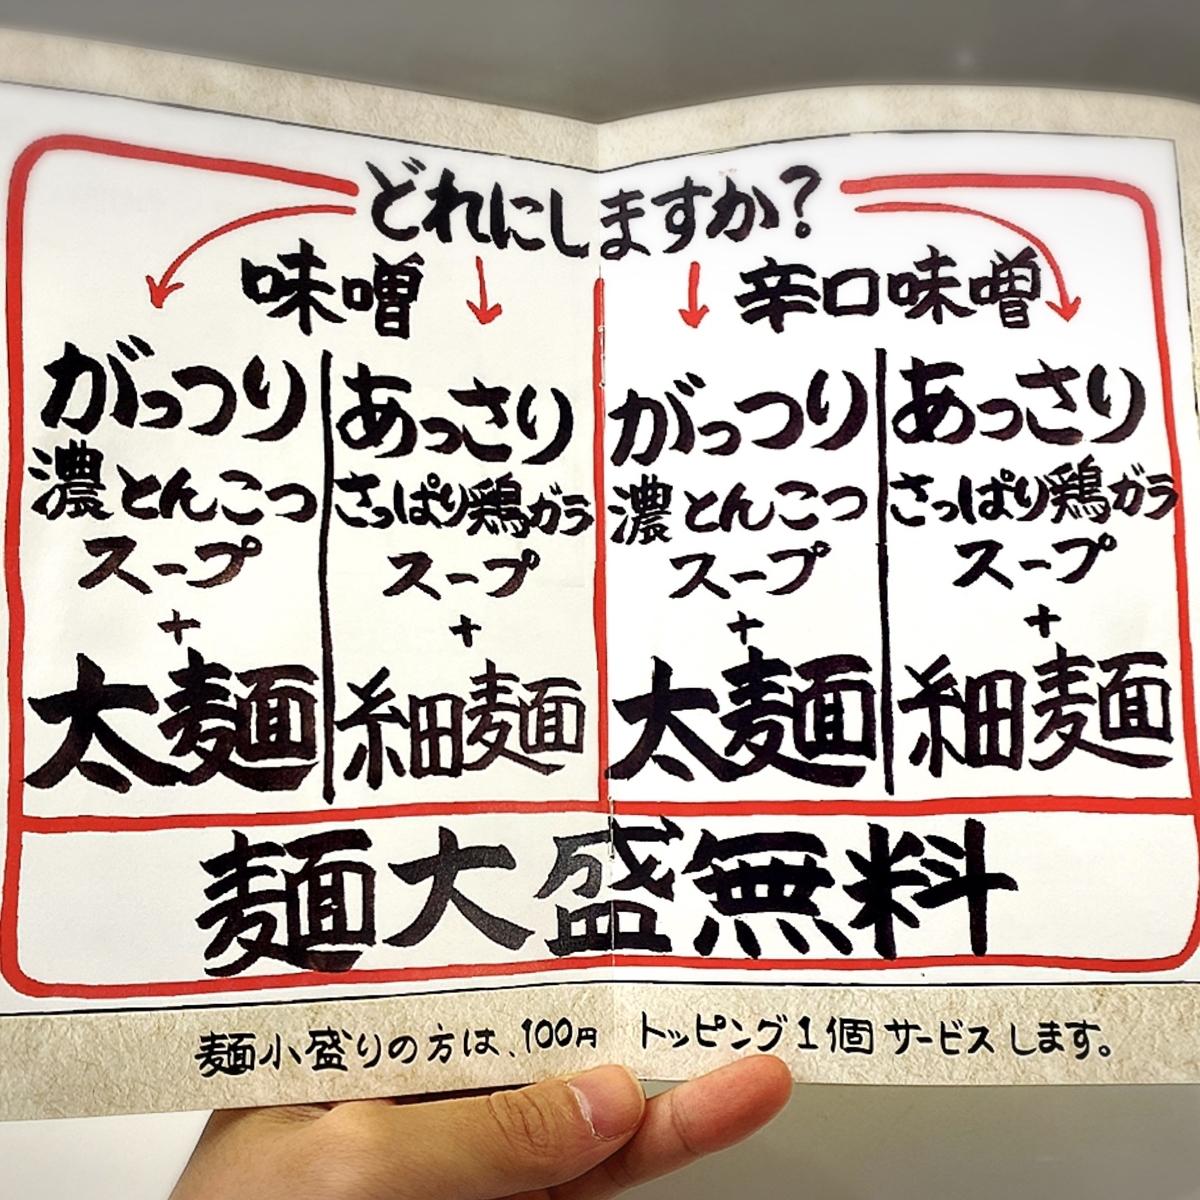 【茅場町】大盛り無料で美味しい味噌ラーメンを堪能できるお店!深夜営業しているので〆利用にも2